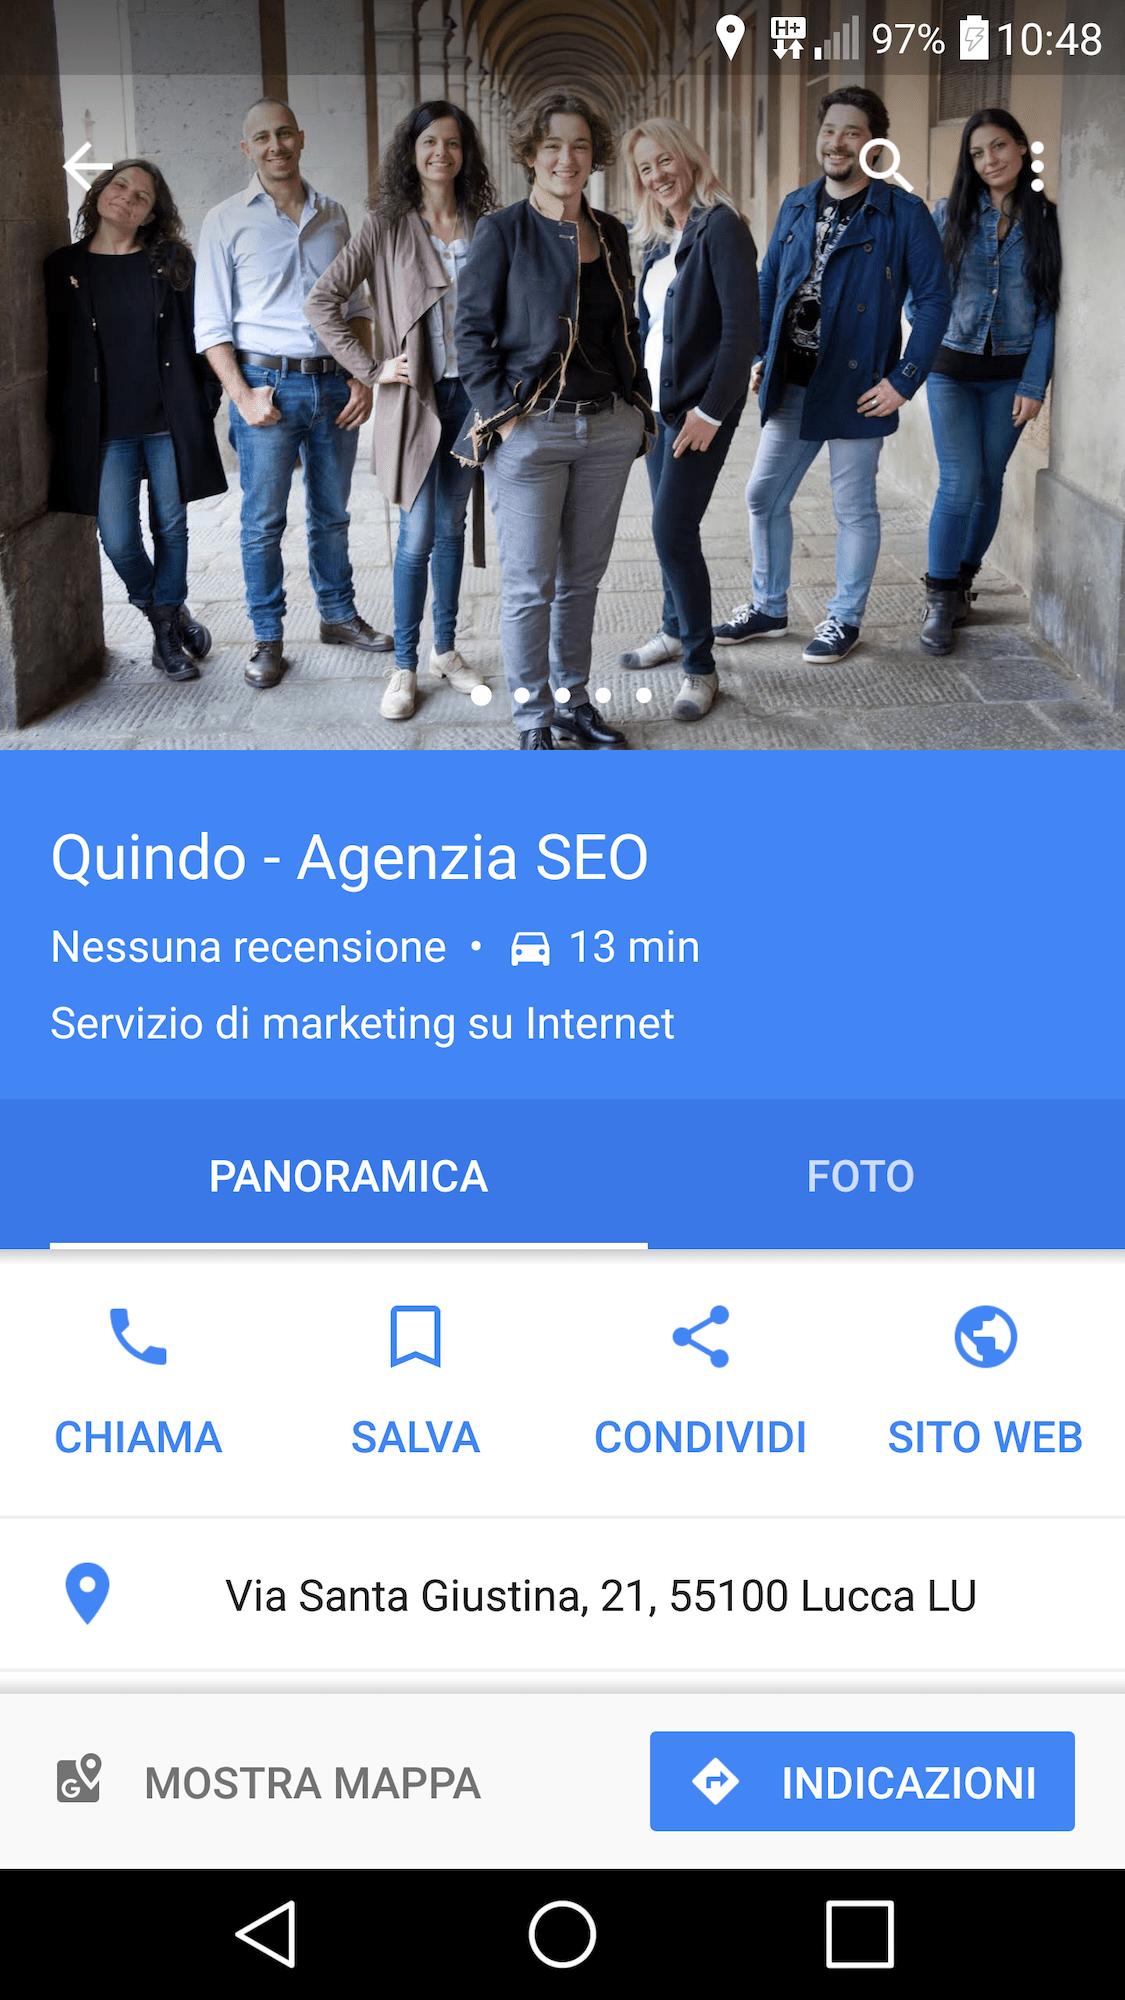 google maps quindo